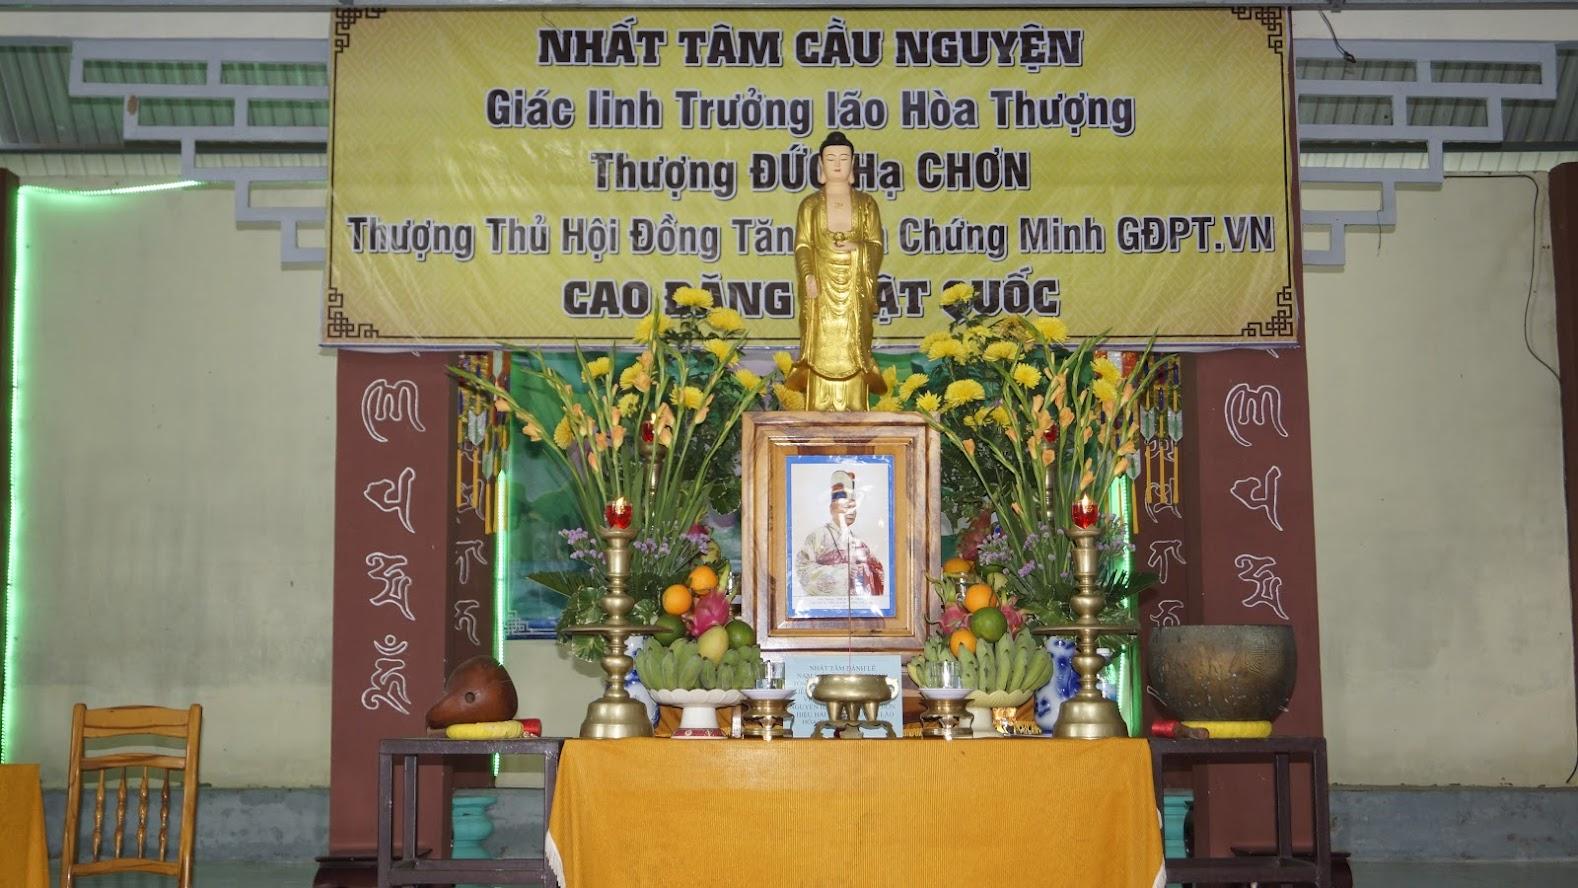 Lễ tưởng niệm – thọ tang Cố Trưởng lão HT thượng Đức hạ Chơn